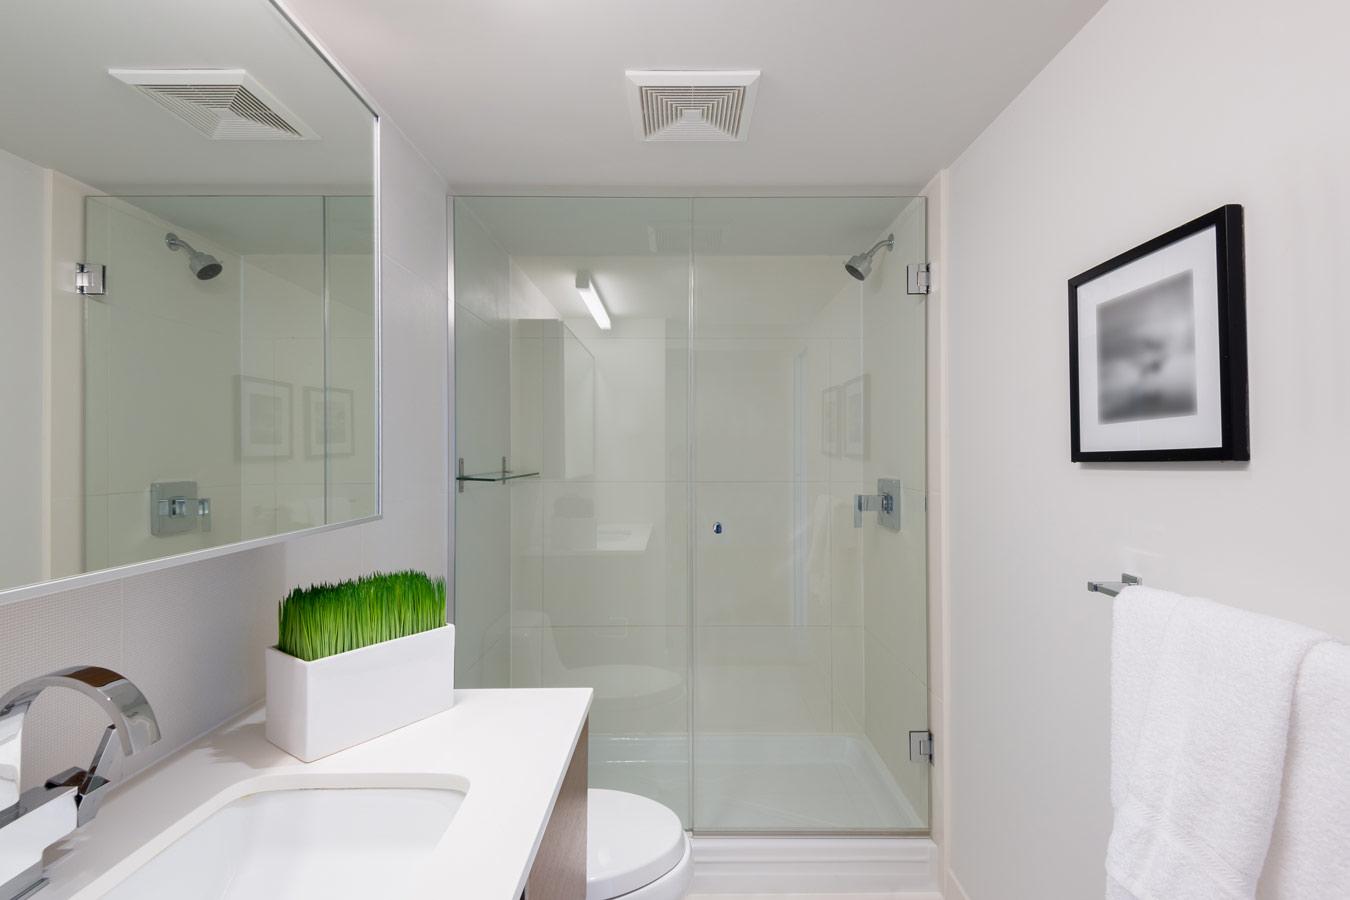 Badkamer Factory Tips : Sanitair badkamer glas klassieke badkamer groningen rvs kranen